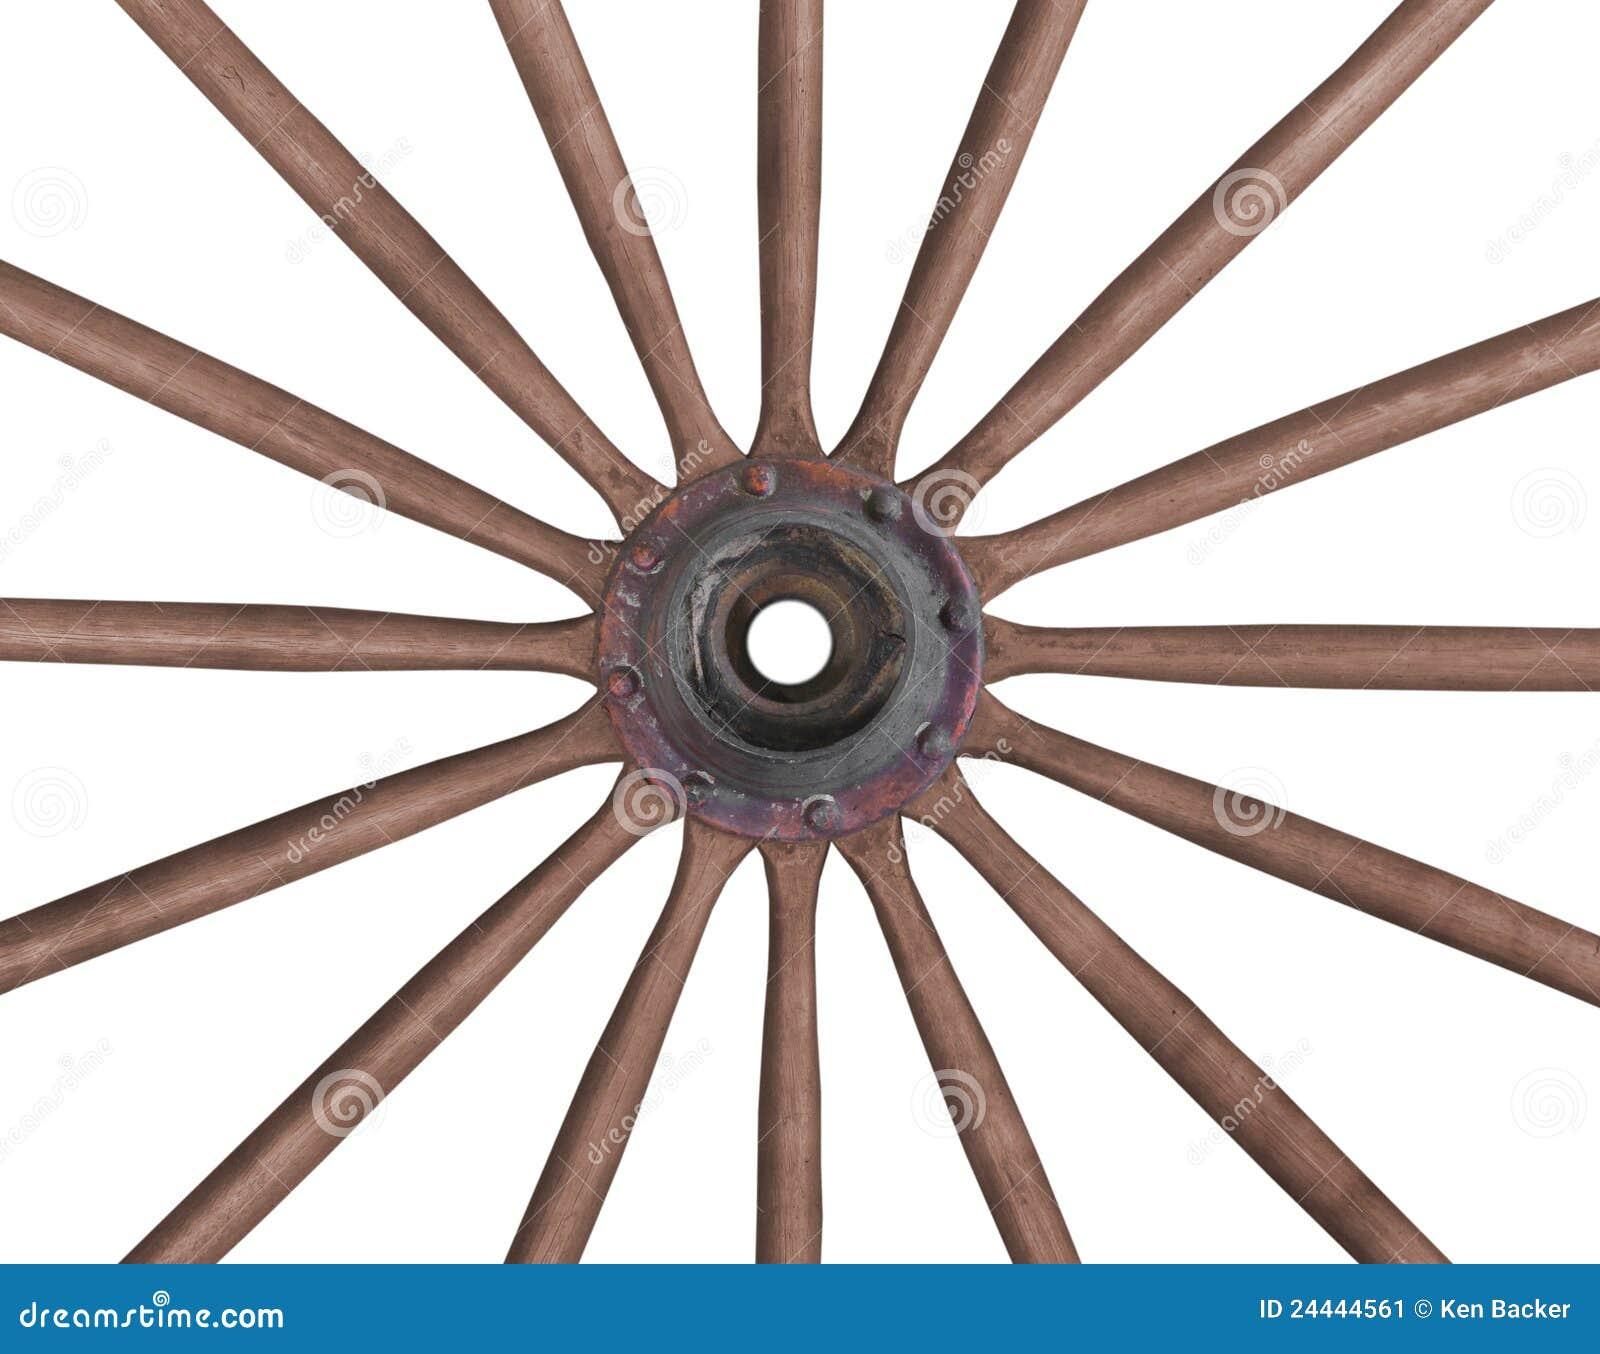 Old wagon wheel isolated